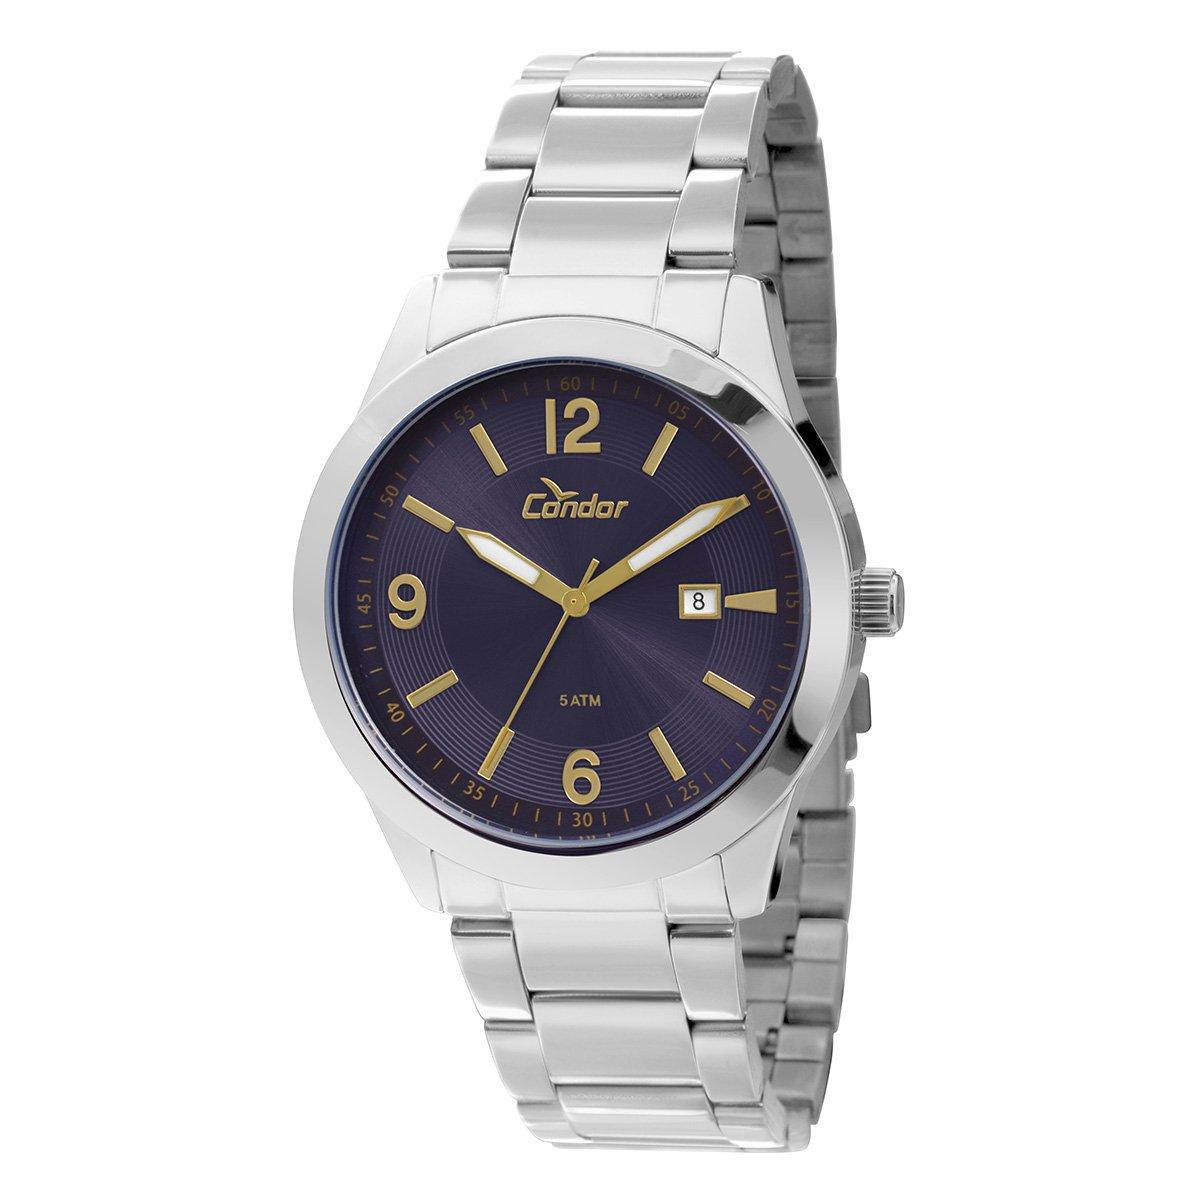 79200b9834c Relógio Condor Masculino CO2115SZ 3A - Compre Agora